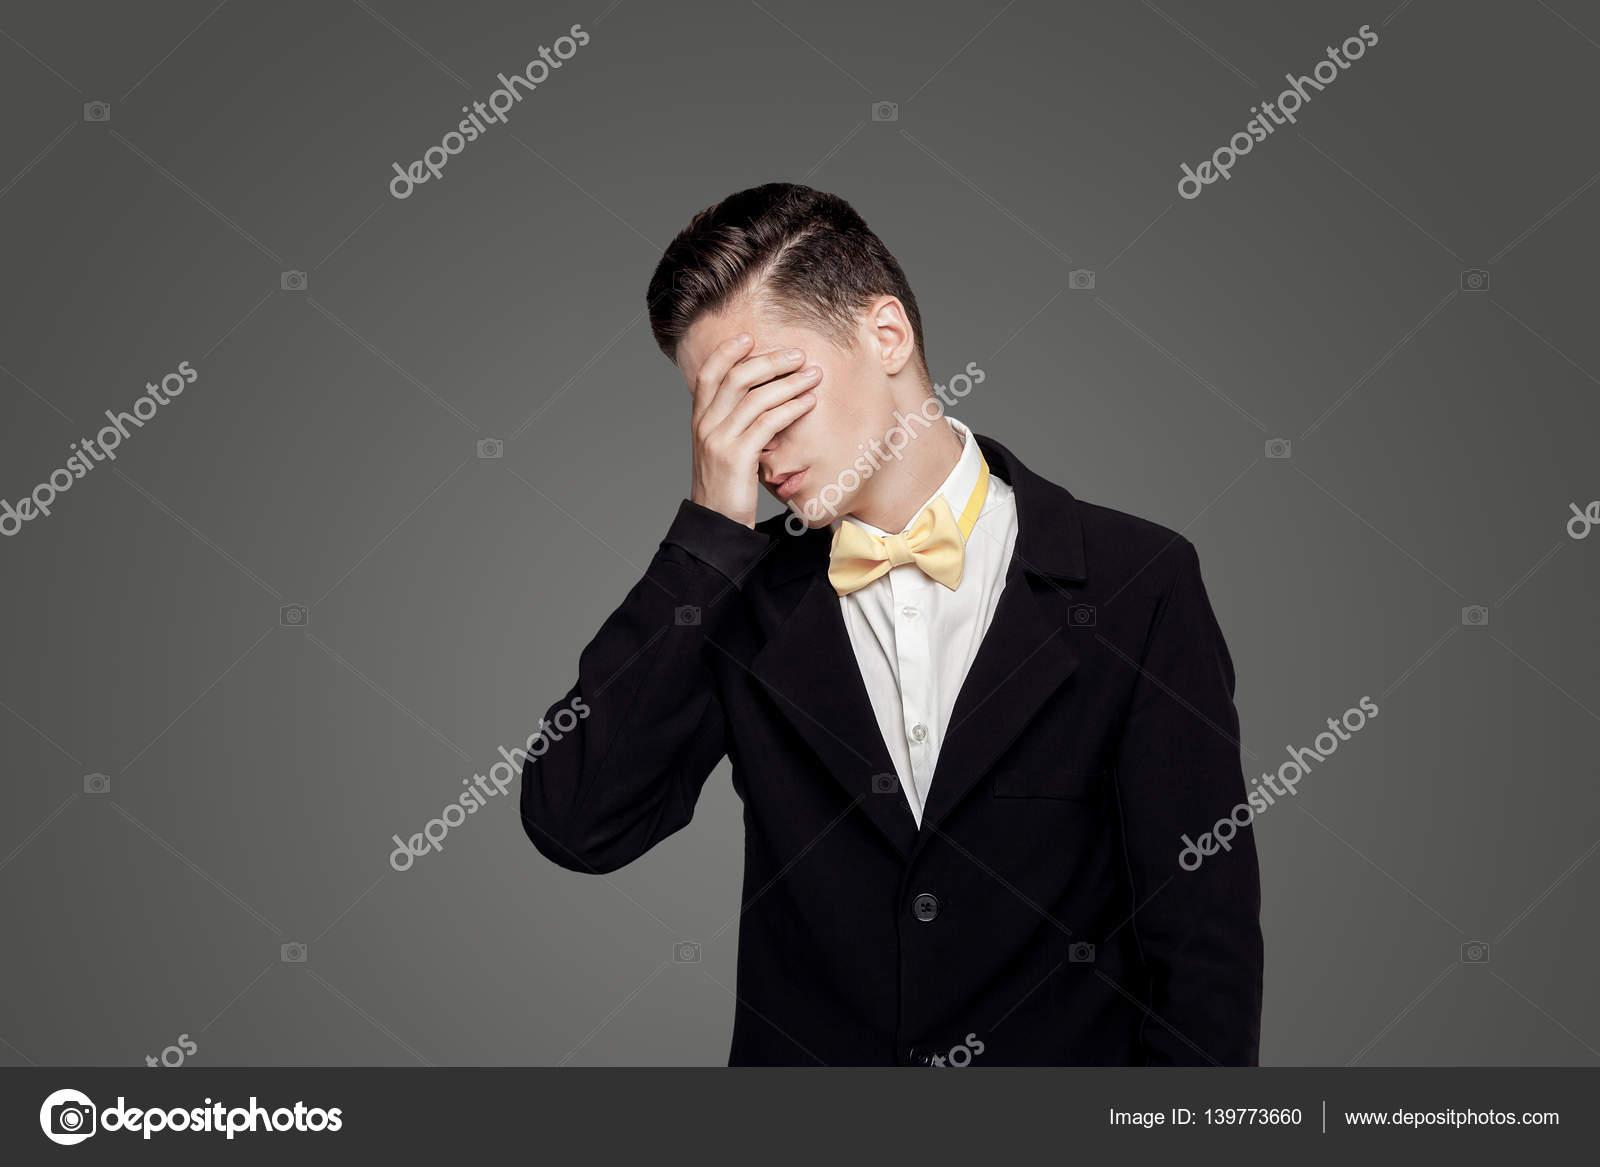 Jeune homme branché arrière plan de bureau noir jaune de noeud